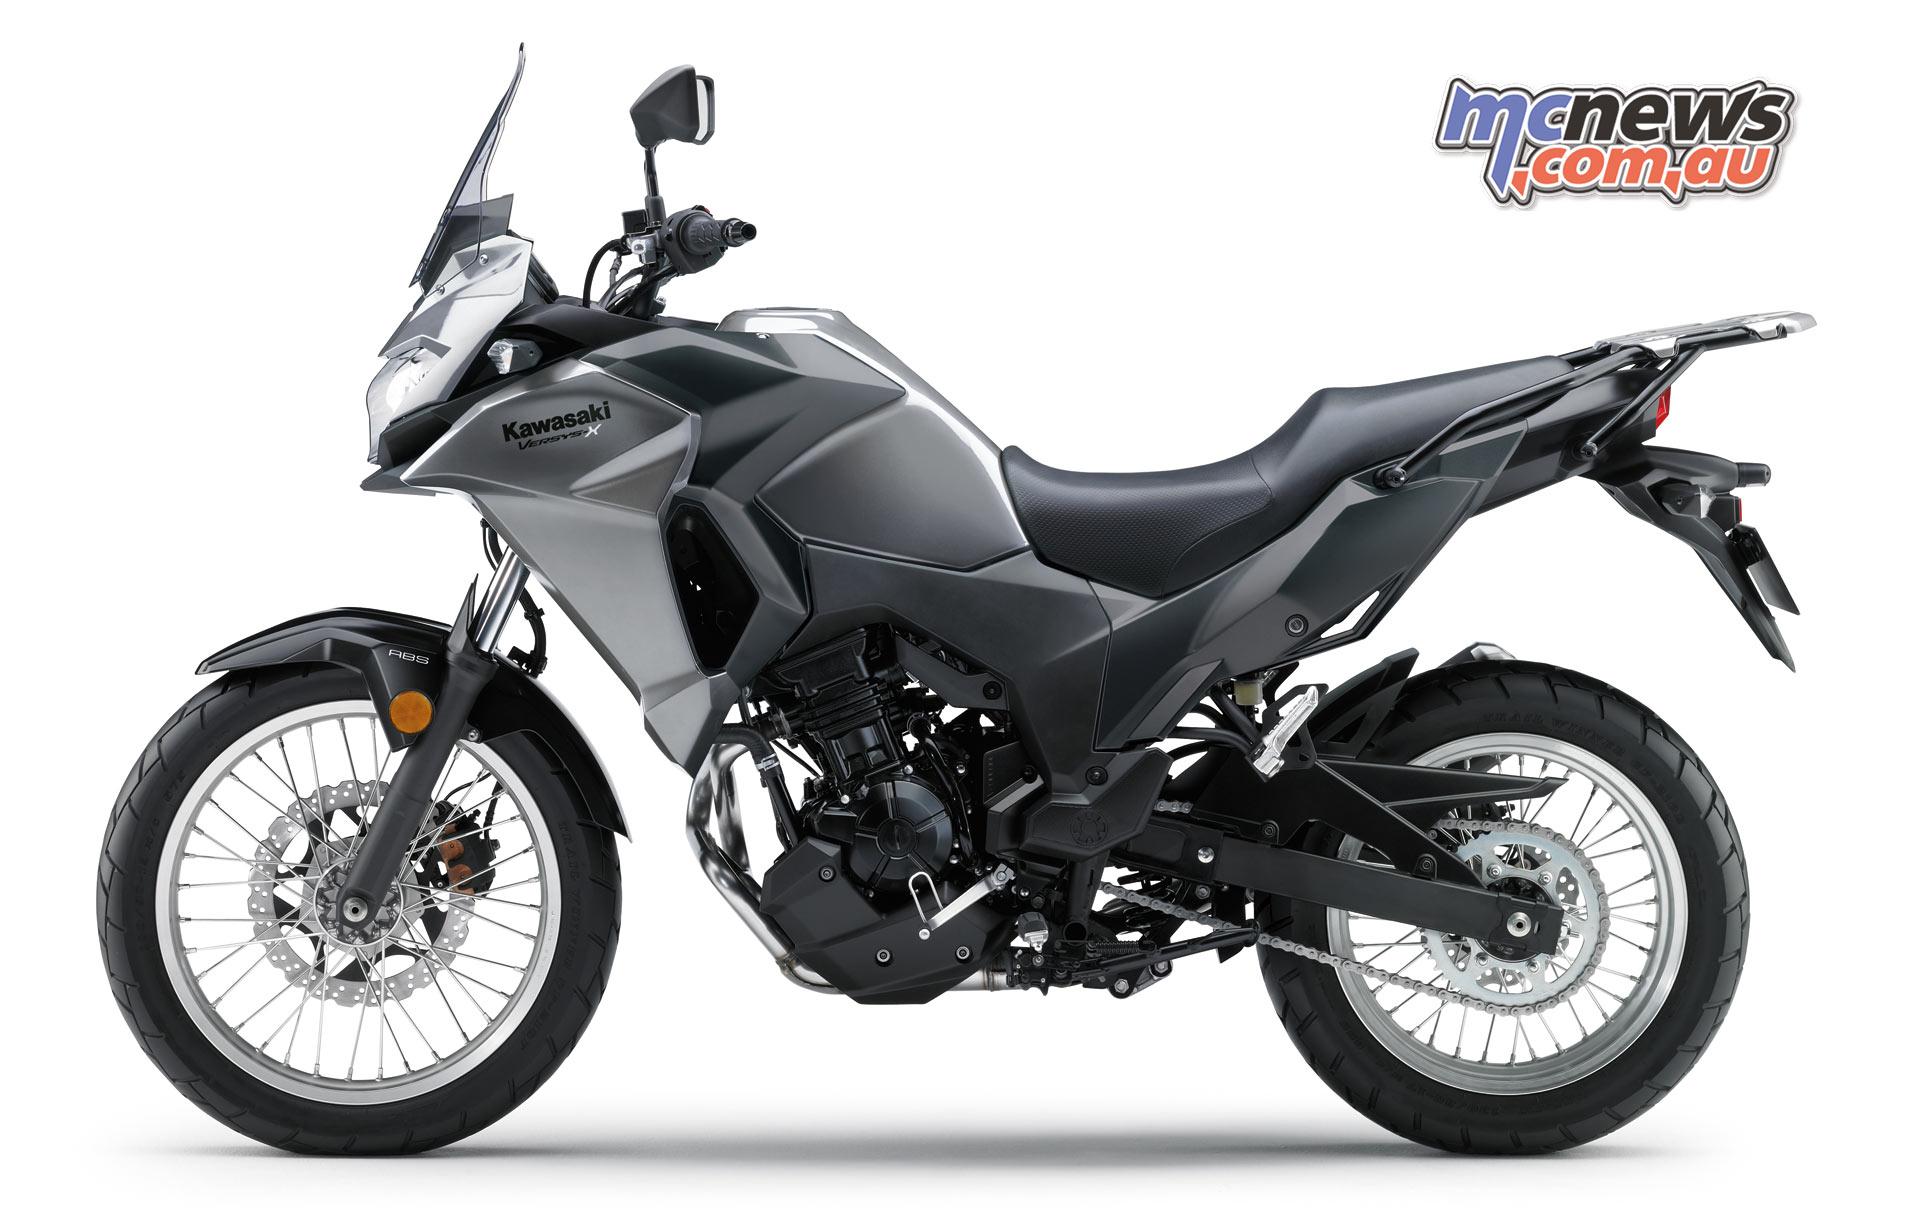 All New 2017 Kawasaki Versys X 300 Mcnews Com Au